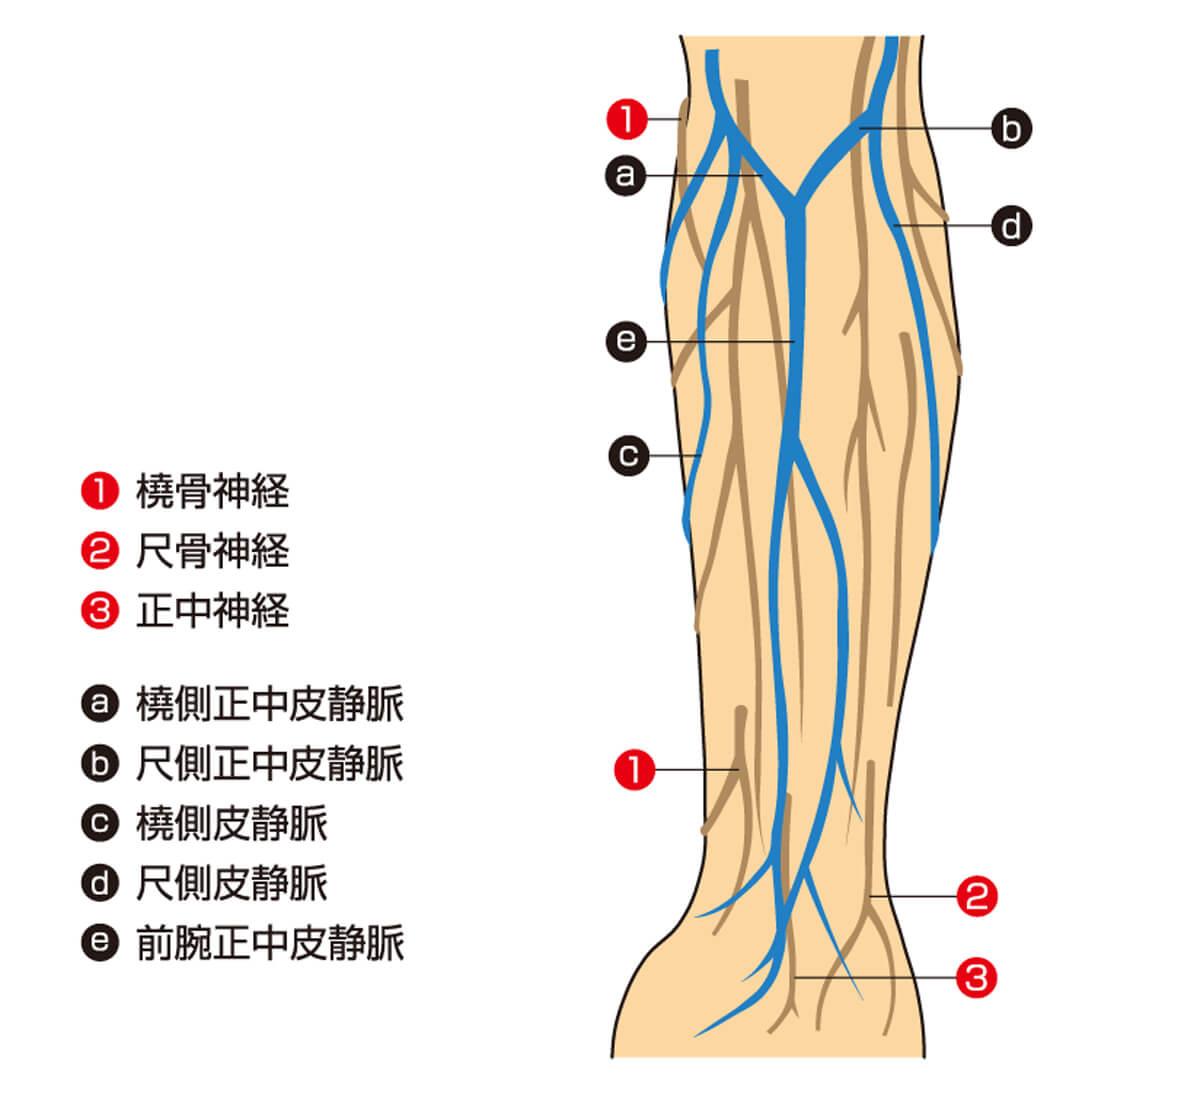 穿刺に適した血管説明図